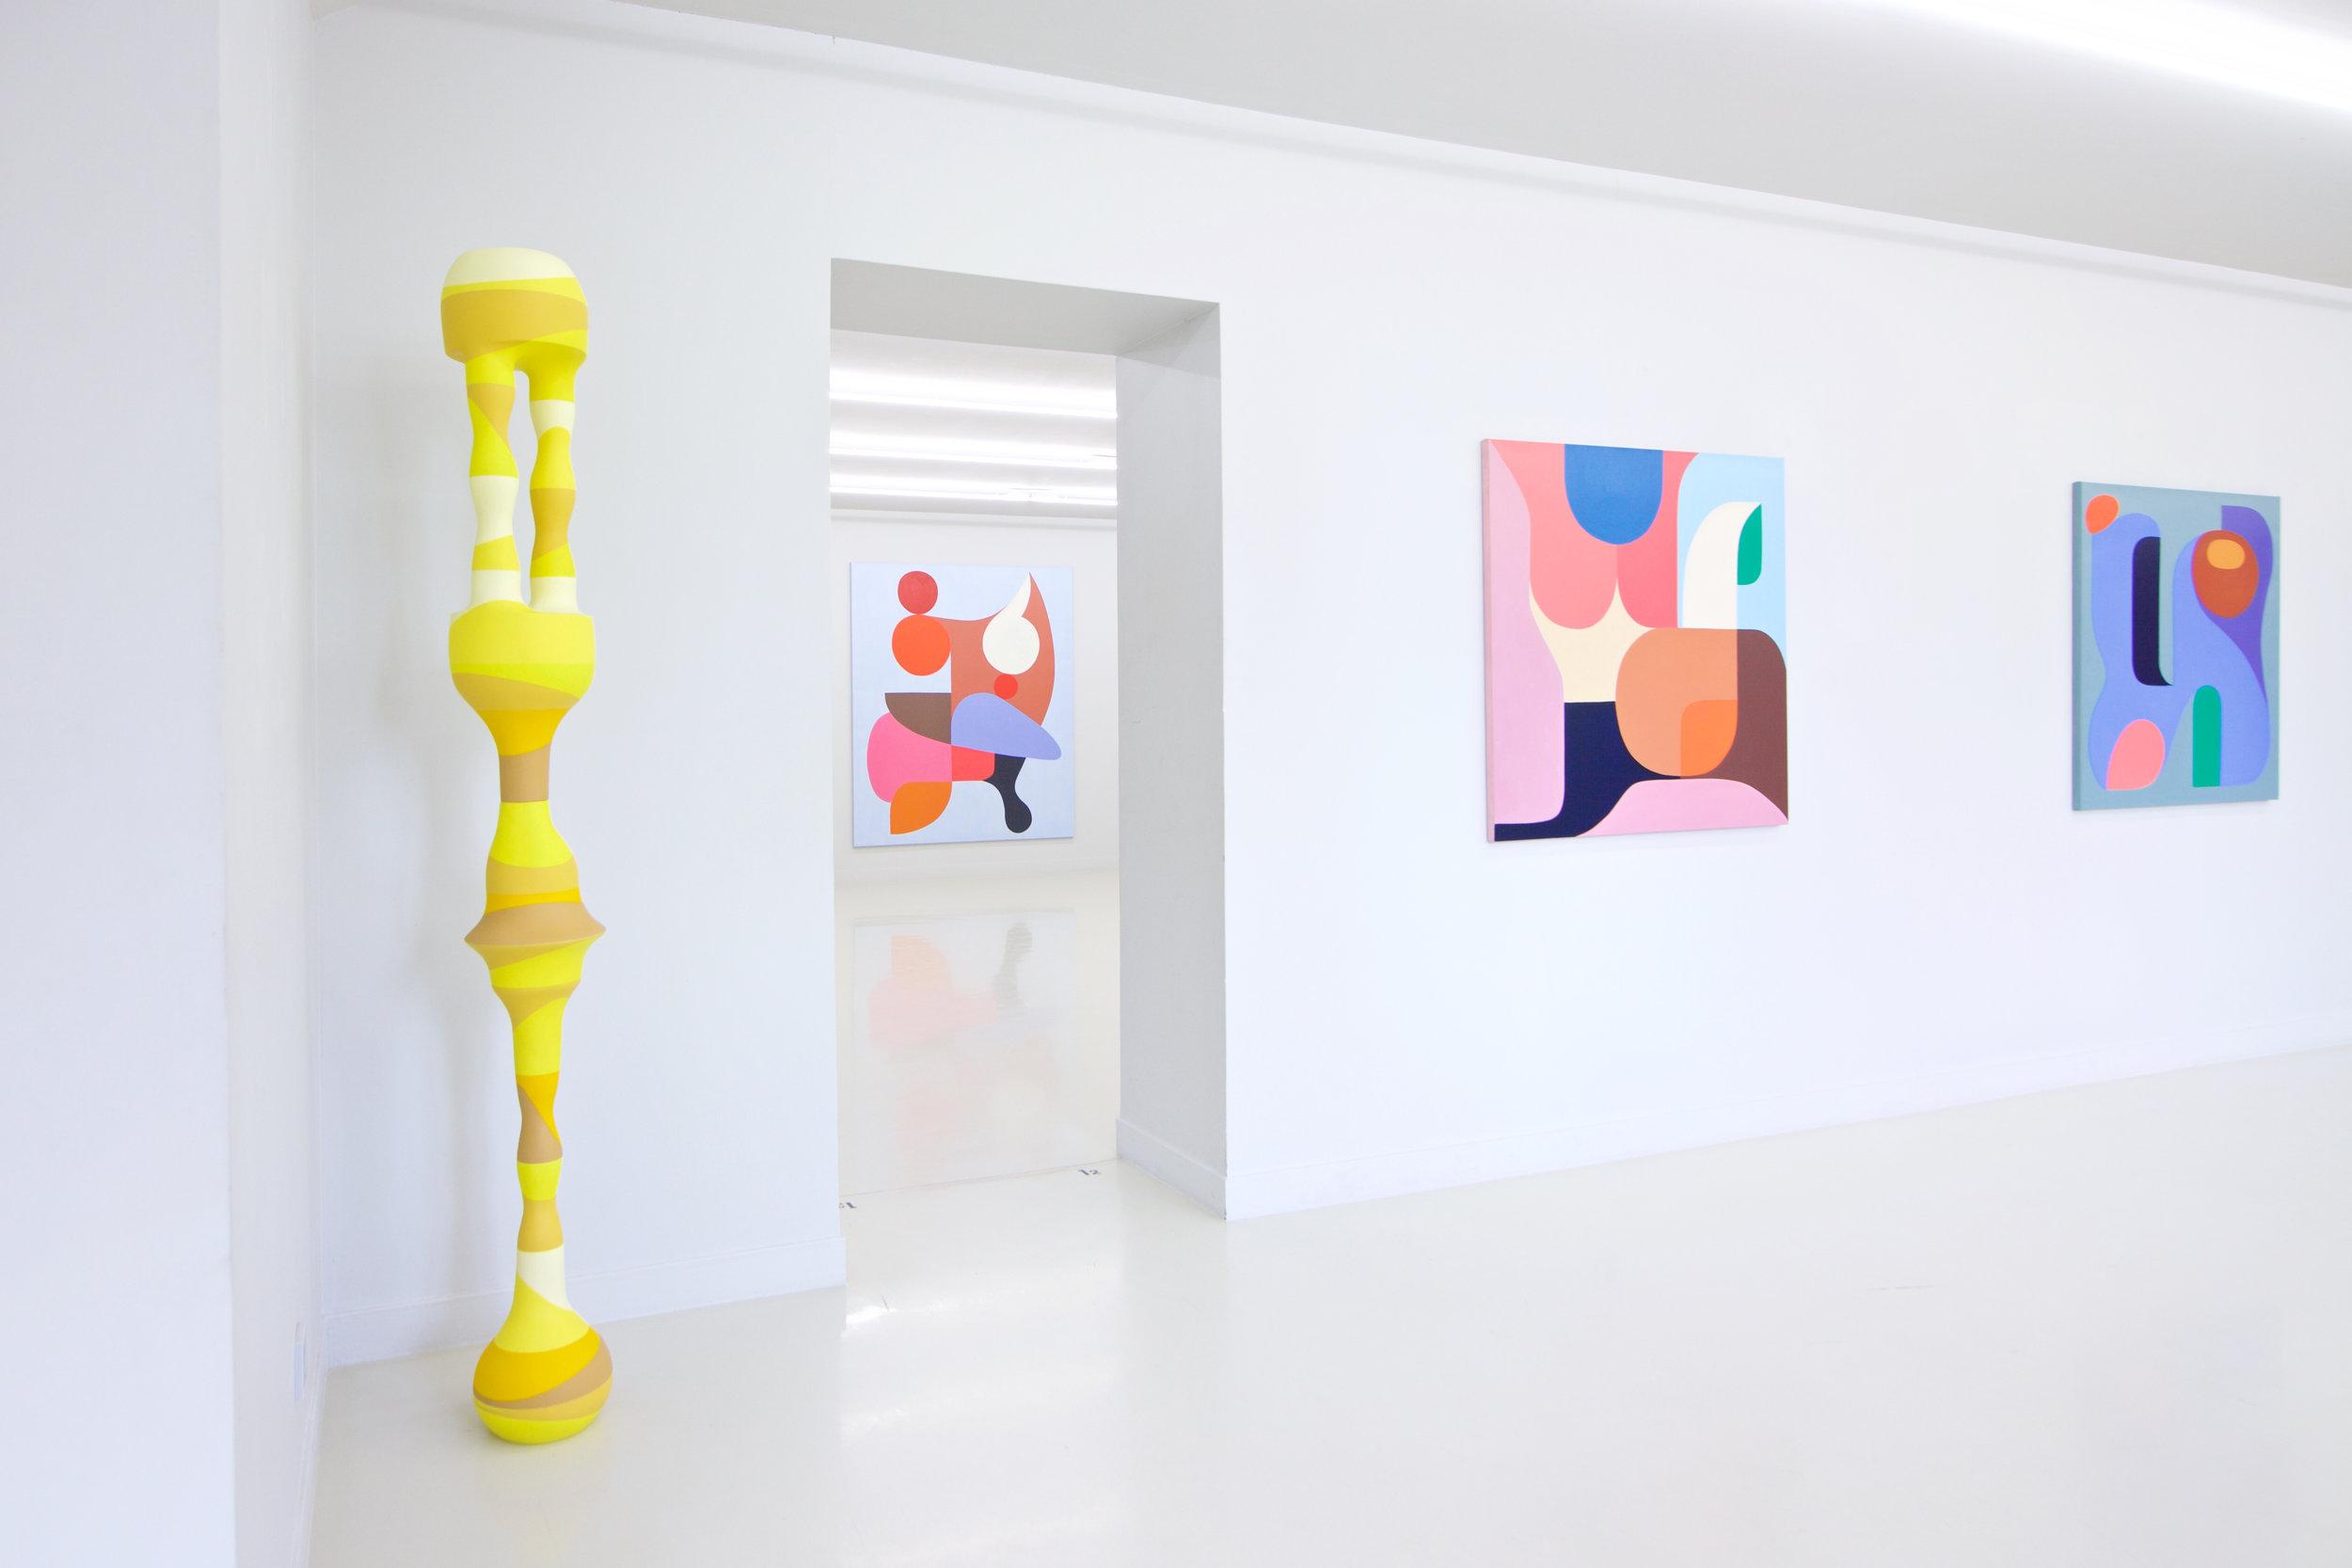 Galerie_Bessieres_05_2019_MG_5946 20 (1).jpg